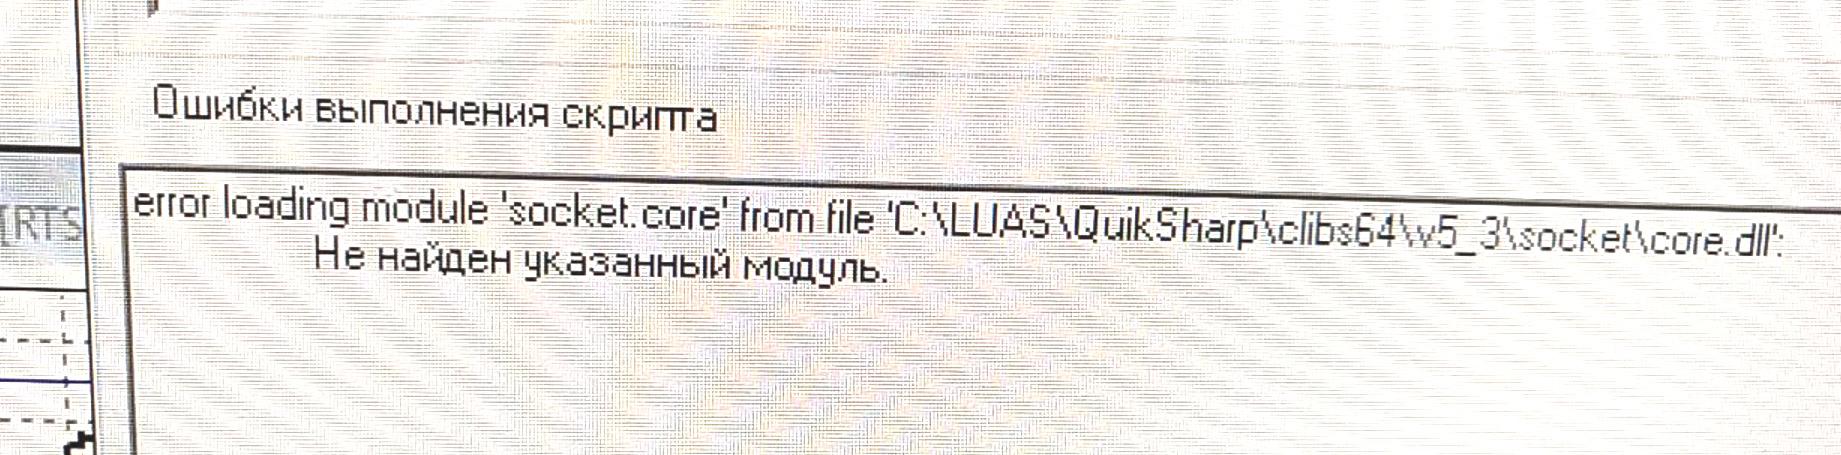 Сообщение-в-Quik